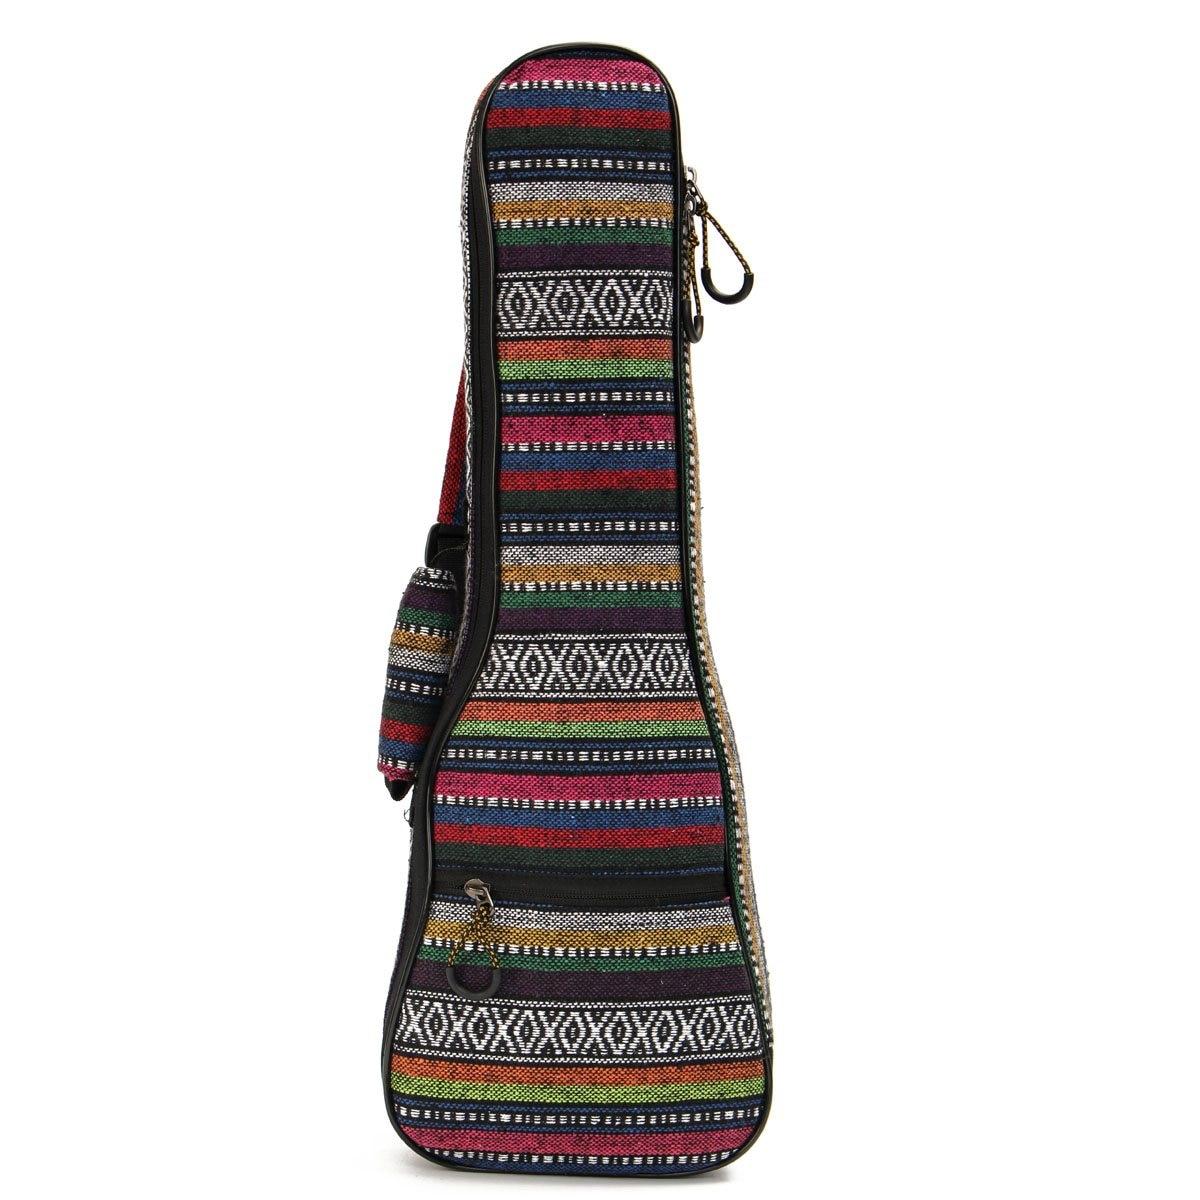 Cotton Nylon Soft Padded Portable Guitar Gig Bag Ukulele